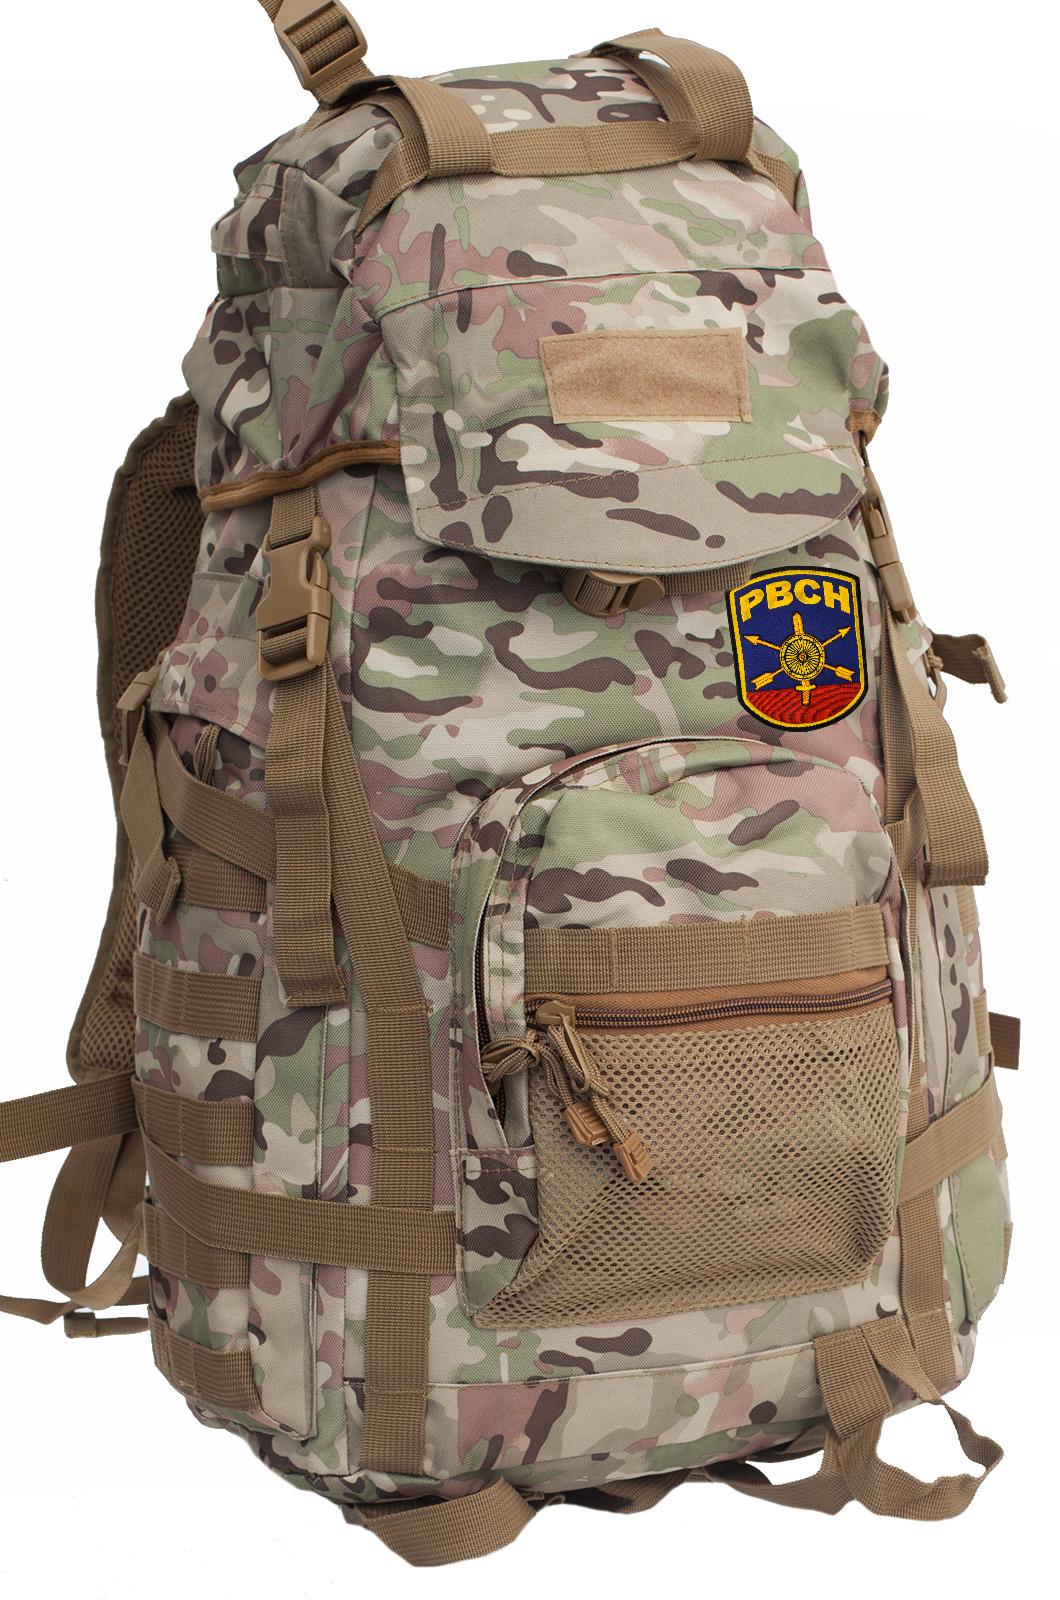 Штурмовой камуфляжный рюкзак с эмблемой РВСН - купить онлайн